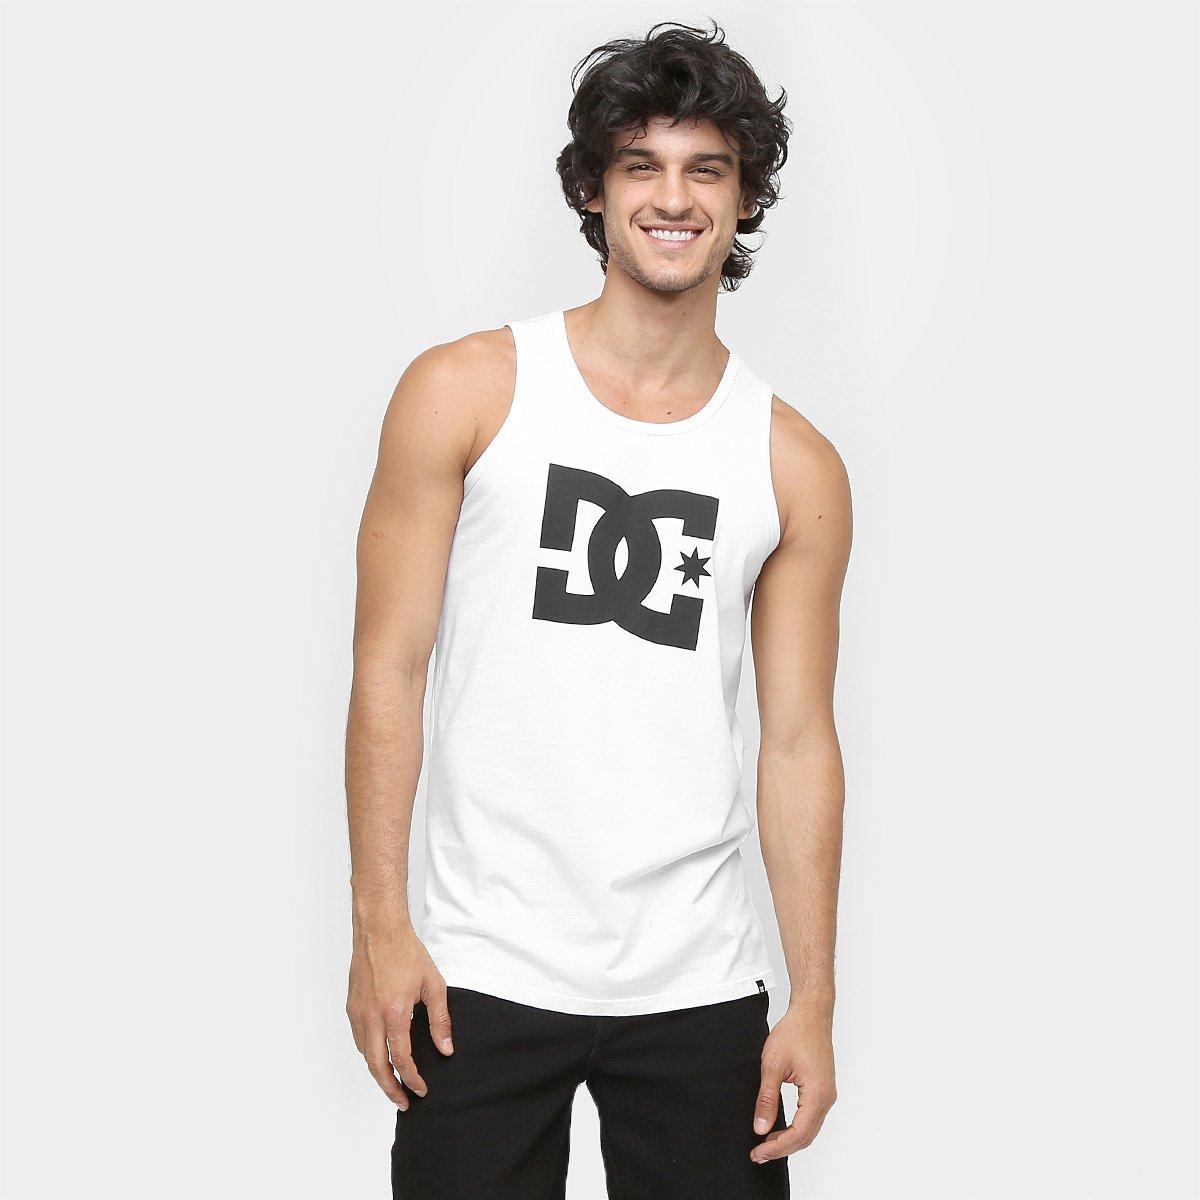 Camiseta Regata DC Shoes Star - Branco - Compre Agora  a9efc054933